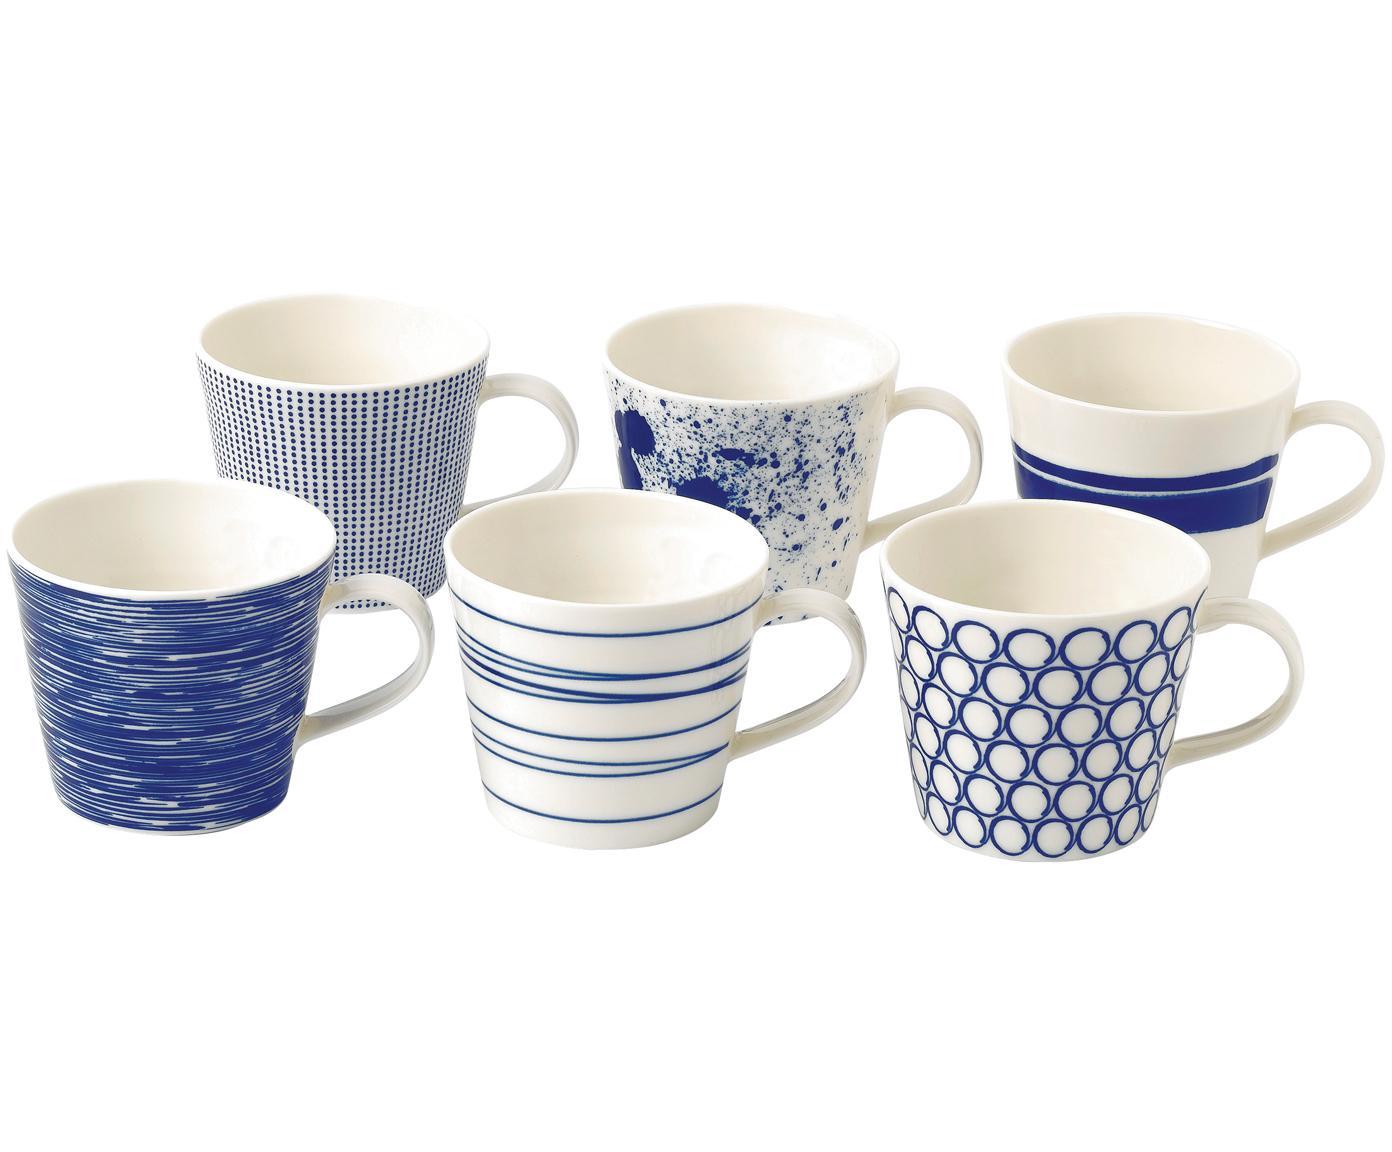 Set de tazas Pacific, 6pzas., Porcelana, Blanco, azul pacifico, Ø 10 x Al 9 cm